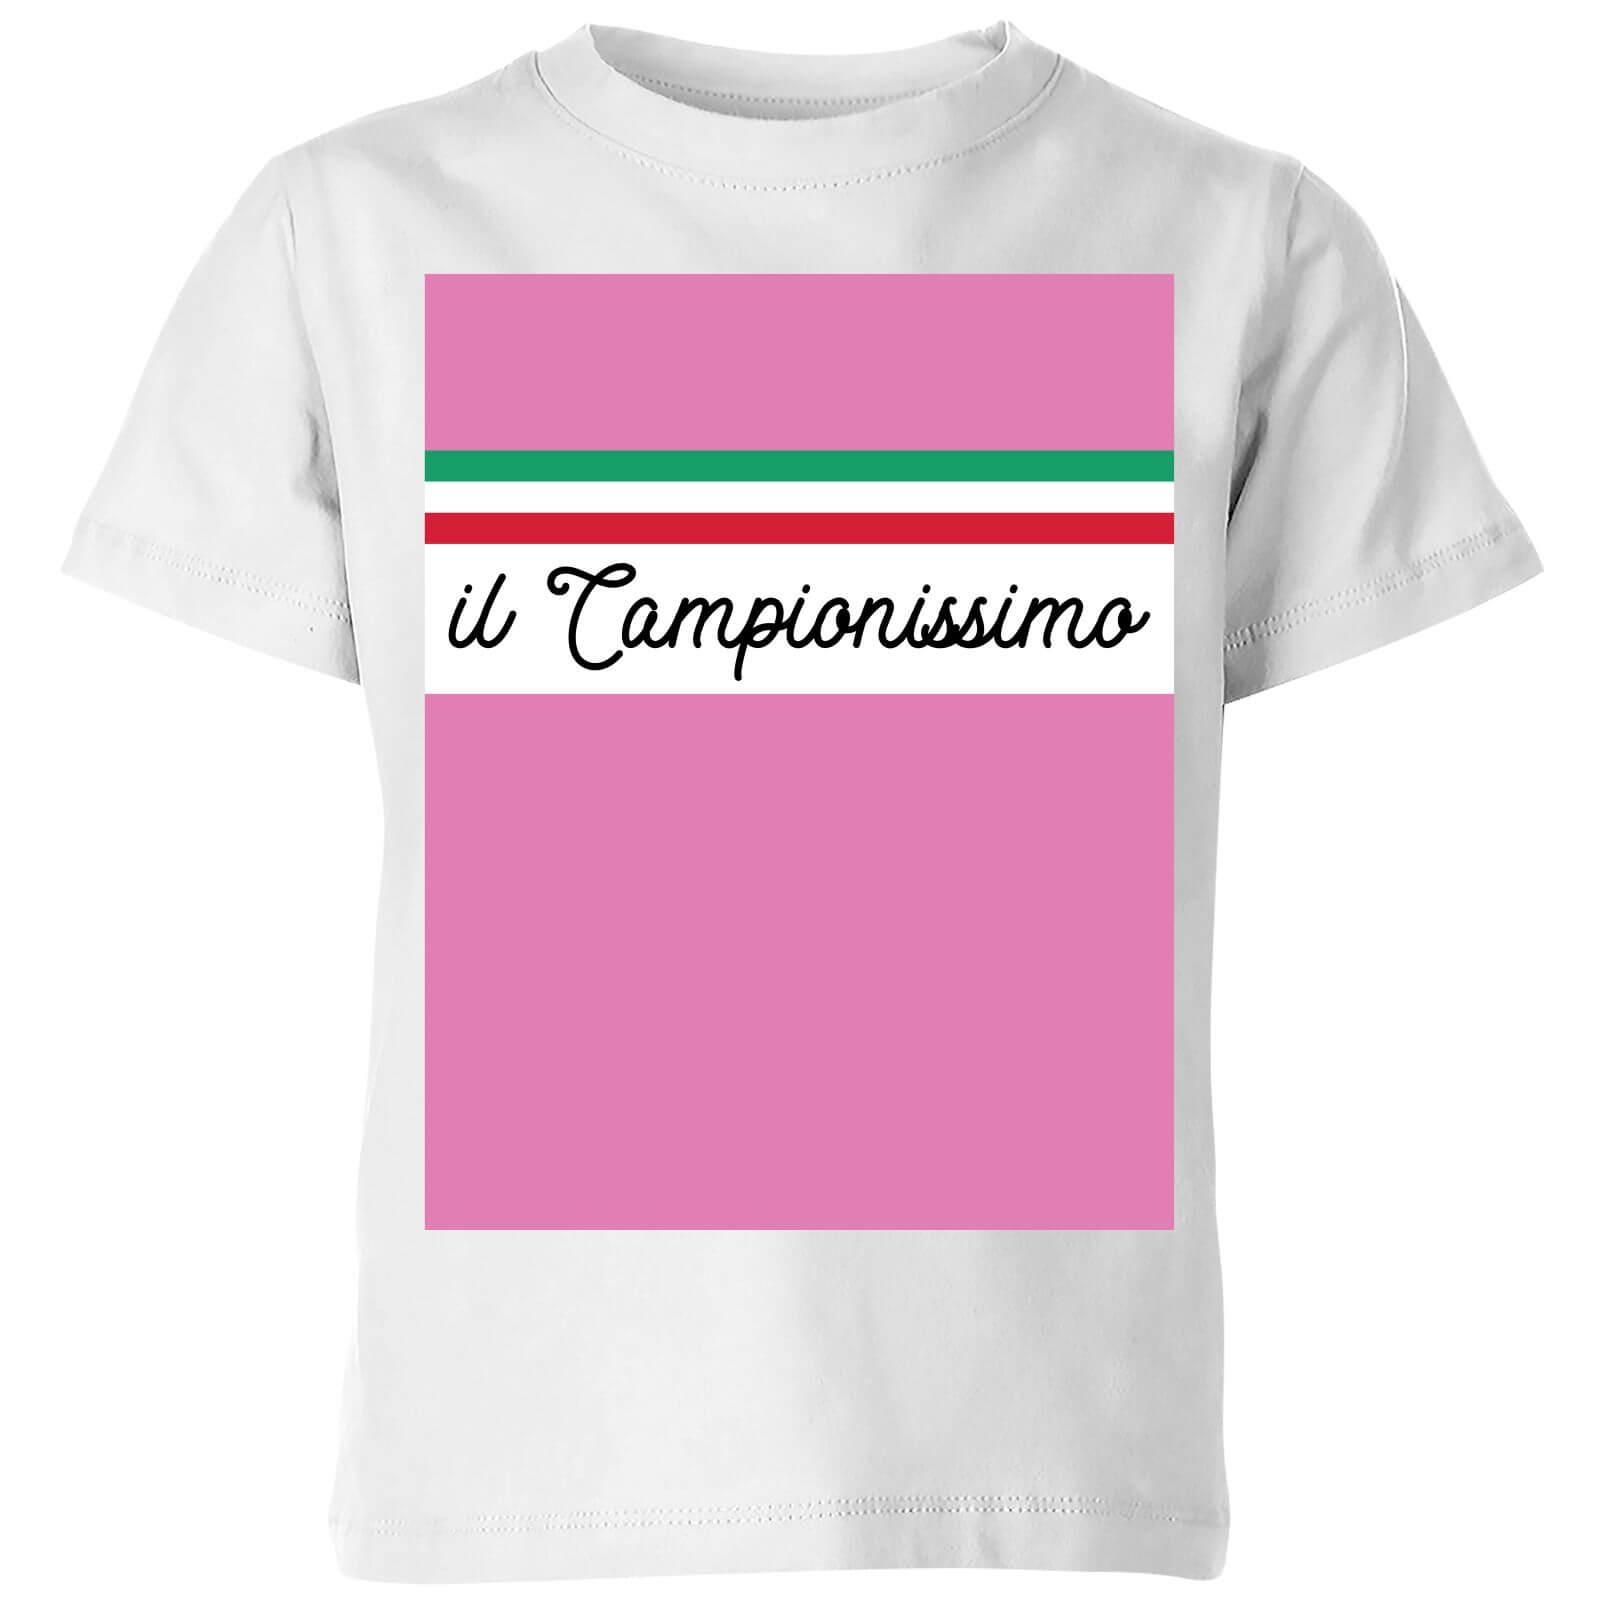 c0a784b3 Summit Finish Il Campionissimo Kids' T-Shirt - White | IWOOT